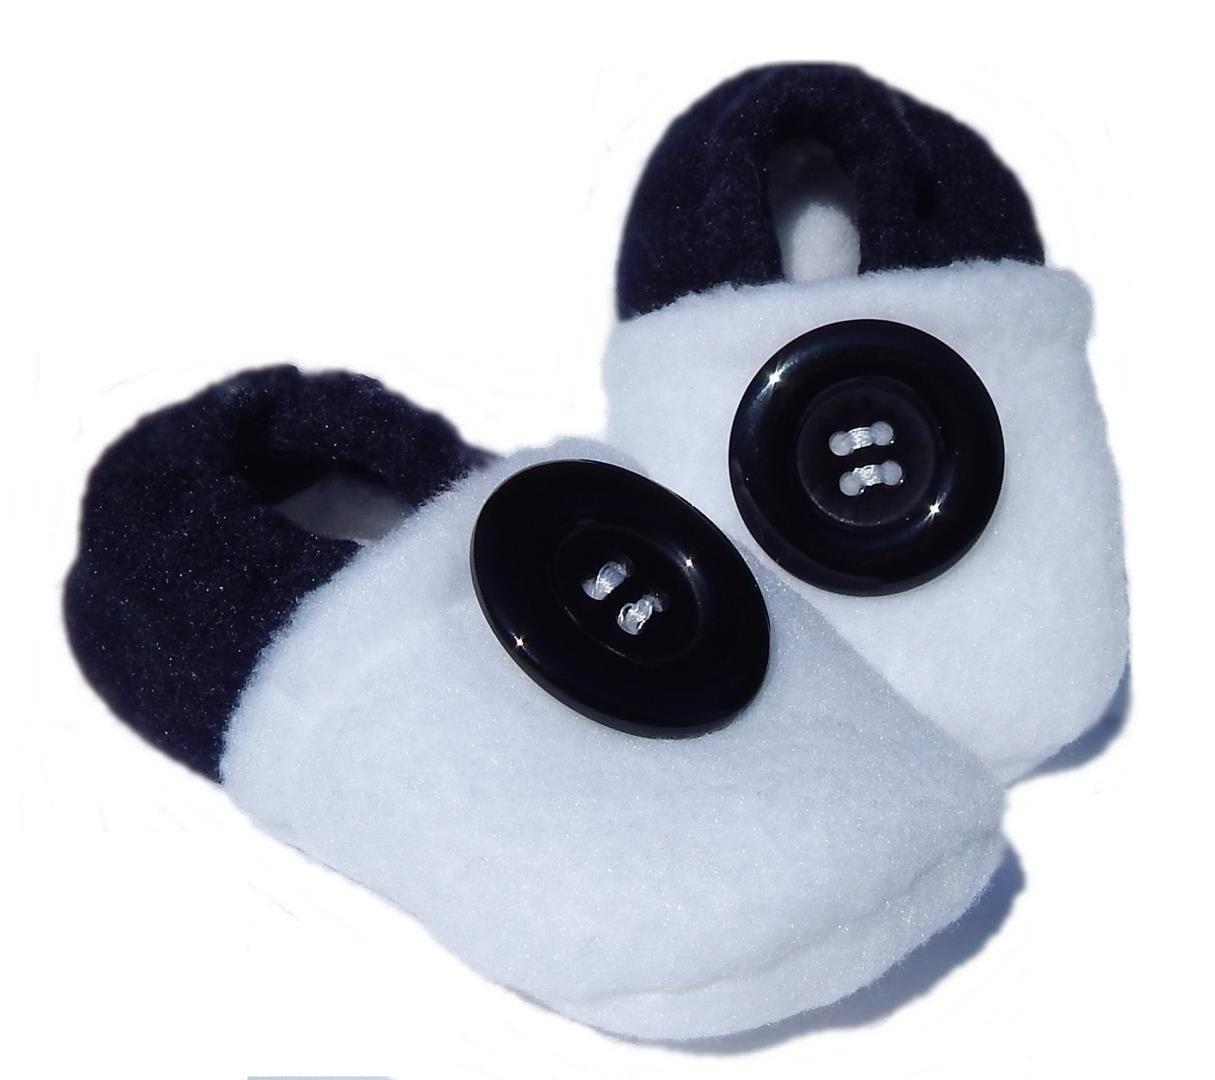 Fleece Baby Slippers - Soft-soled Black & White - 3-6mo, 12-18mo, 18-24mo - LittleTadpoleDesigns